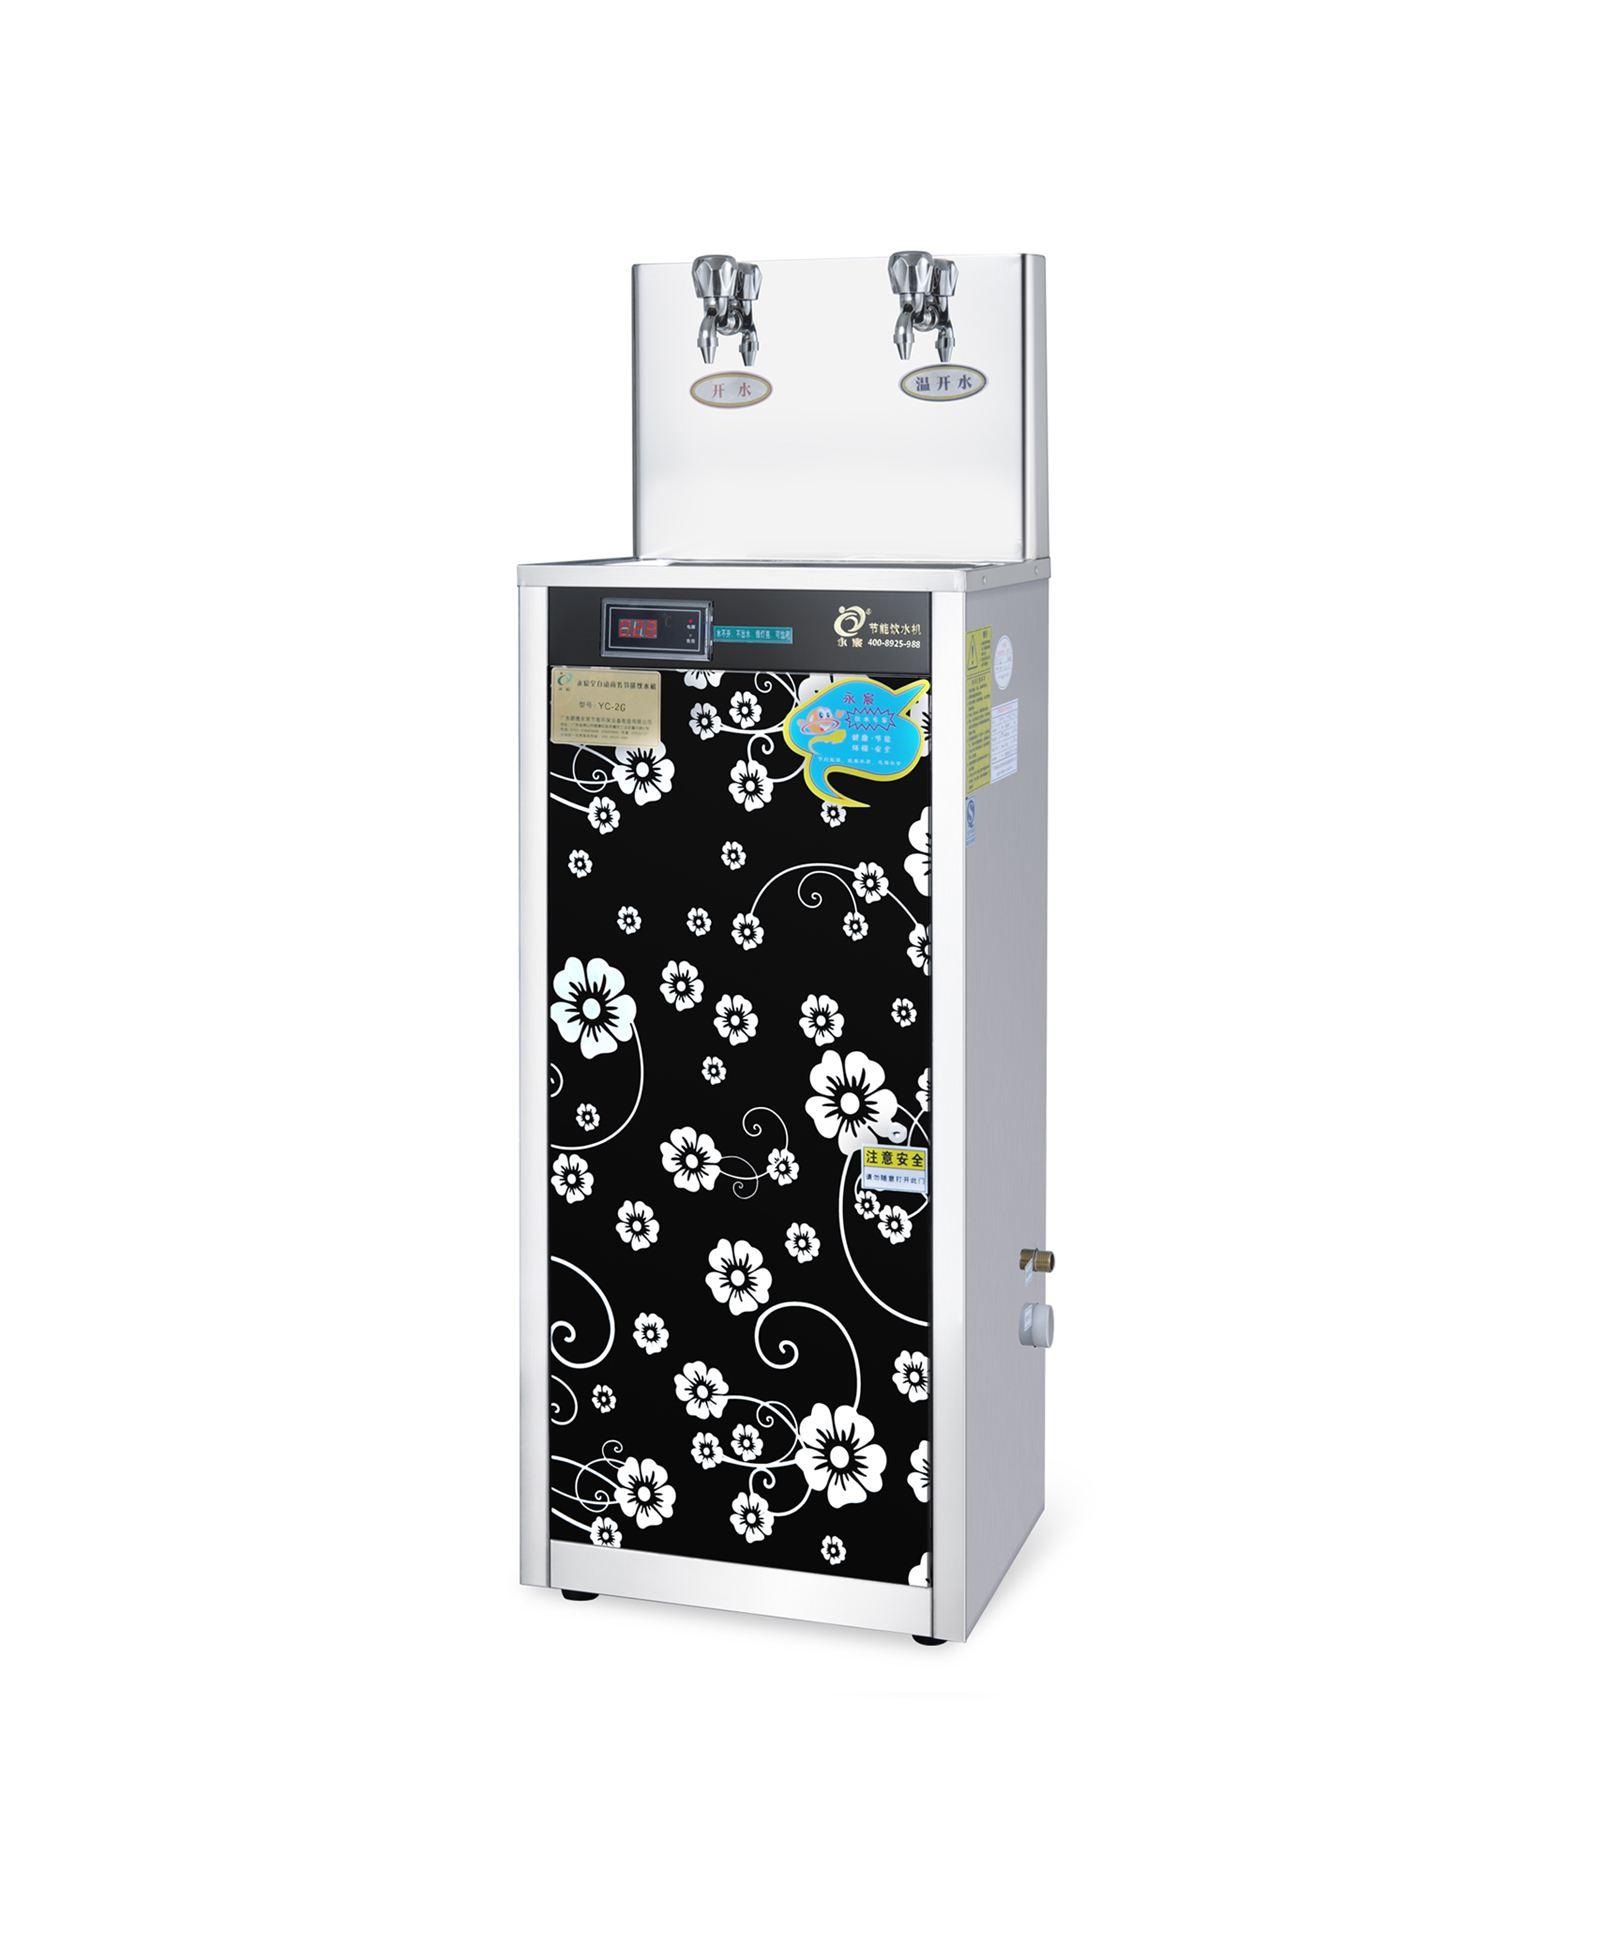 冰热型节能饮水机YC-2G-5B